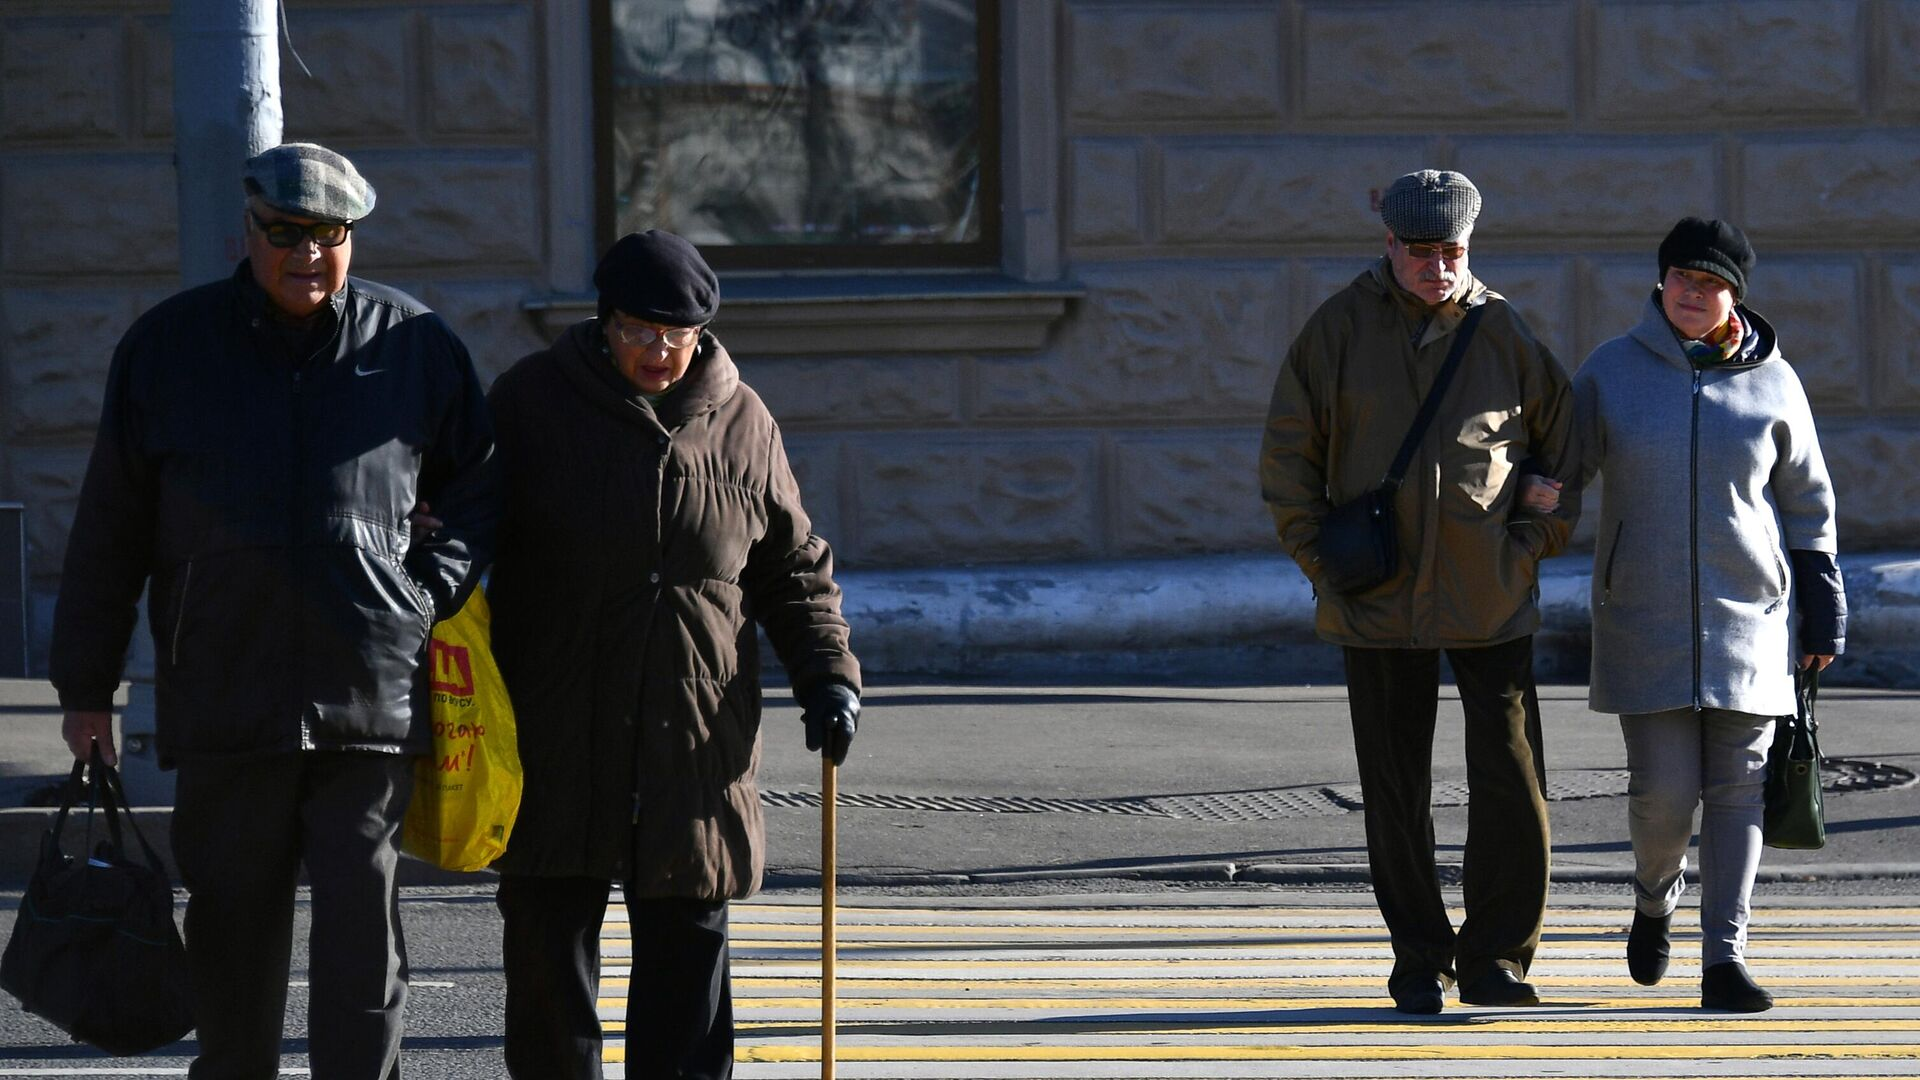 Прохожие на пешеходном переходе в Москве - РИА Новости, 1920, 07.05.2021